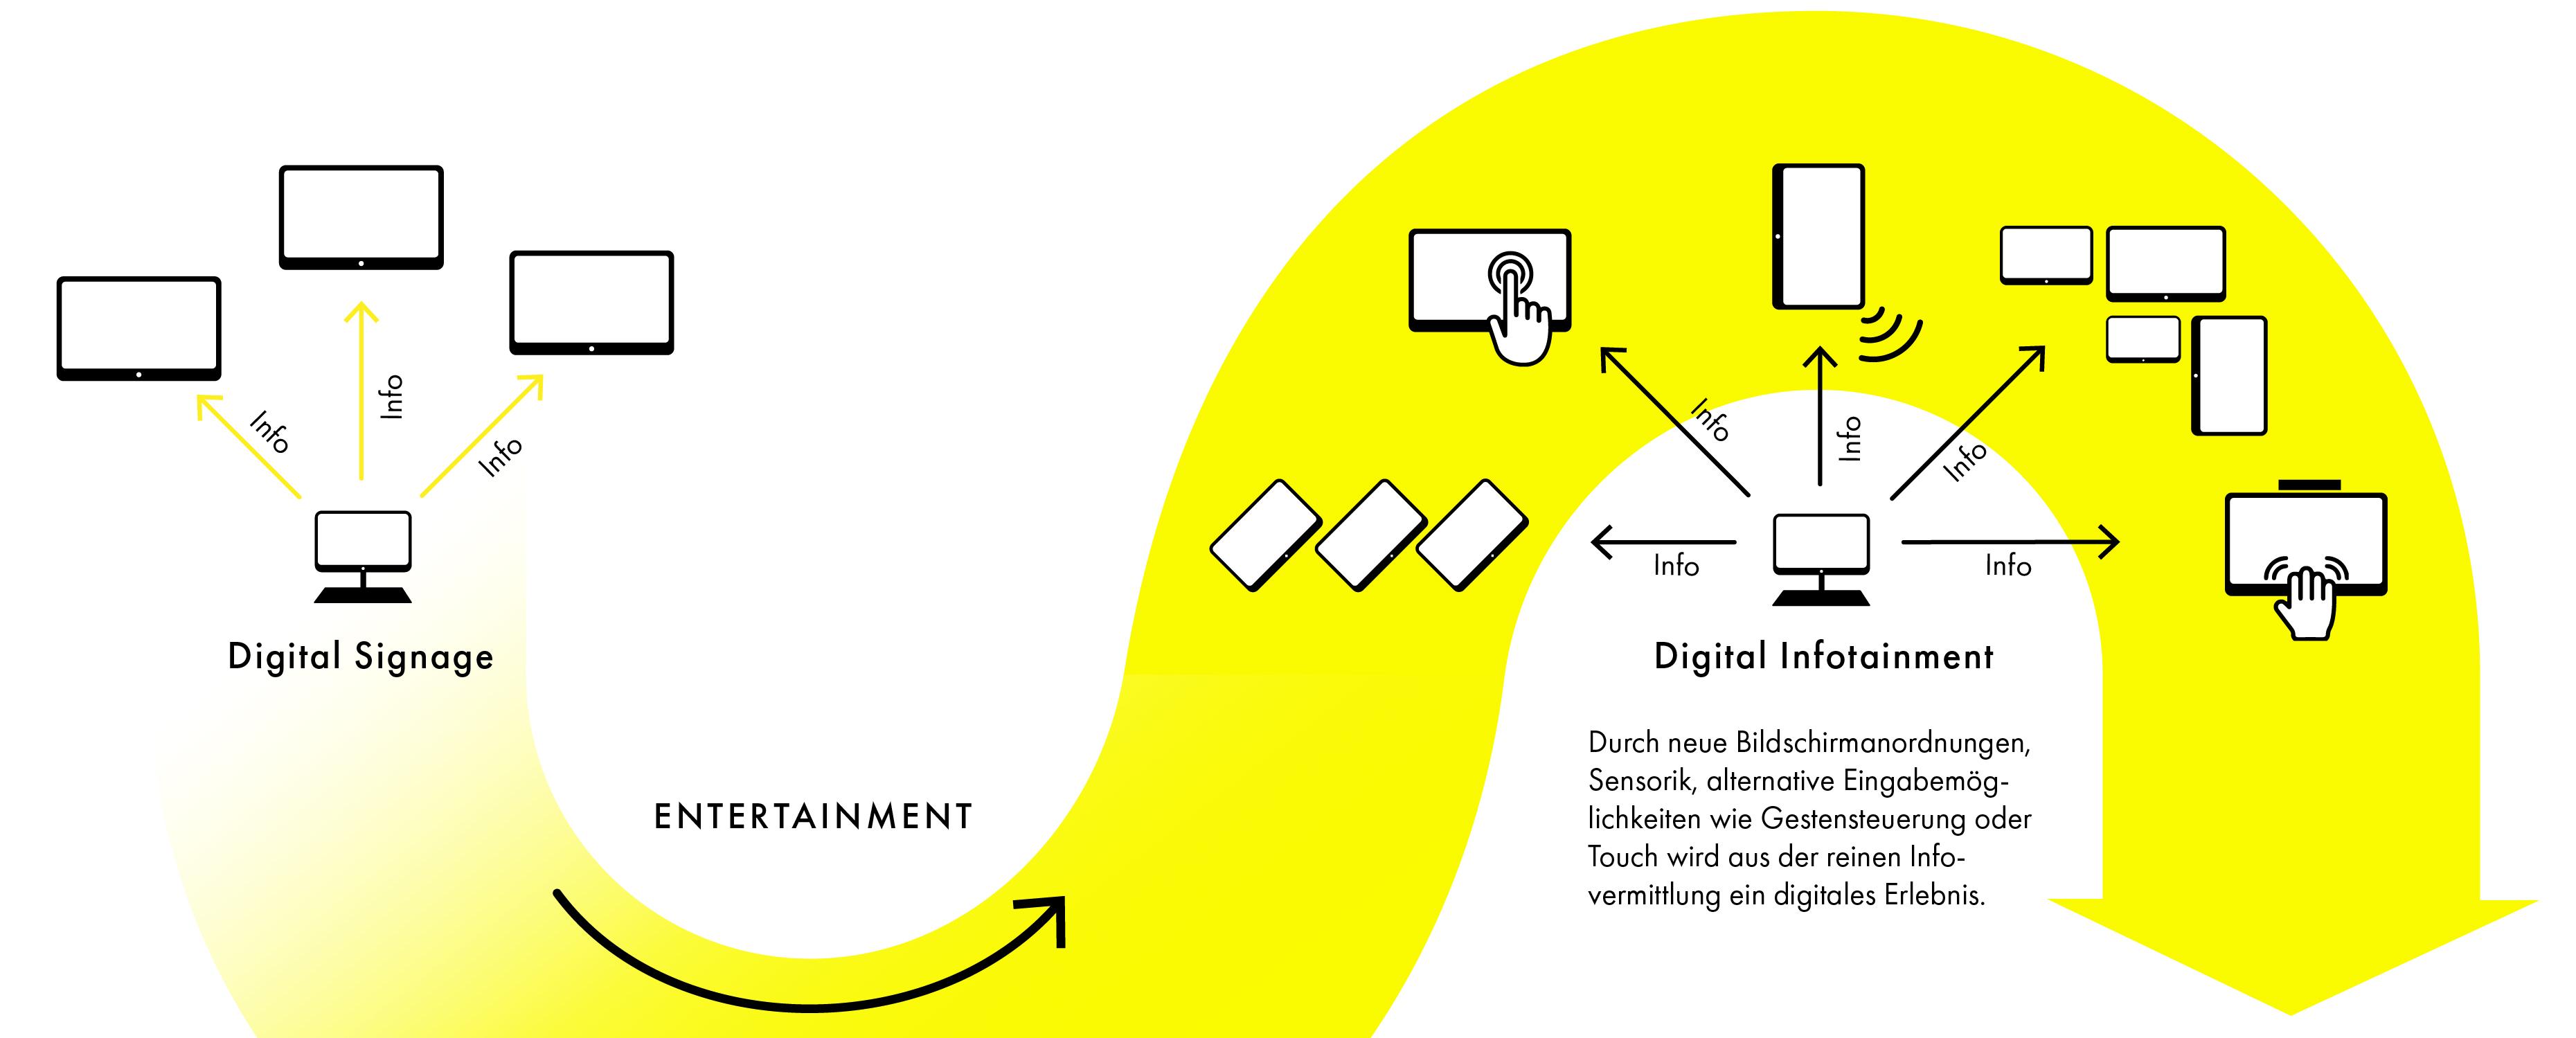 Unterschied zwischen Digital Signage und Digital Infotainment